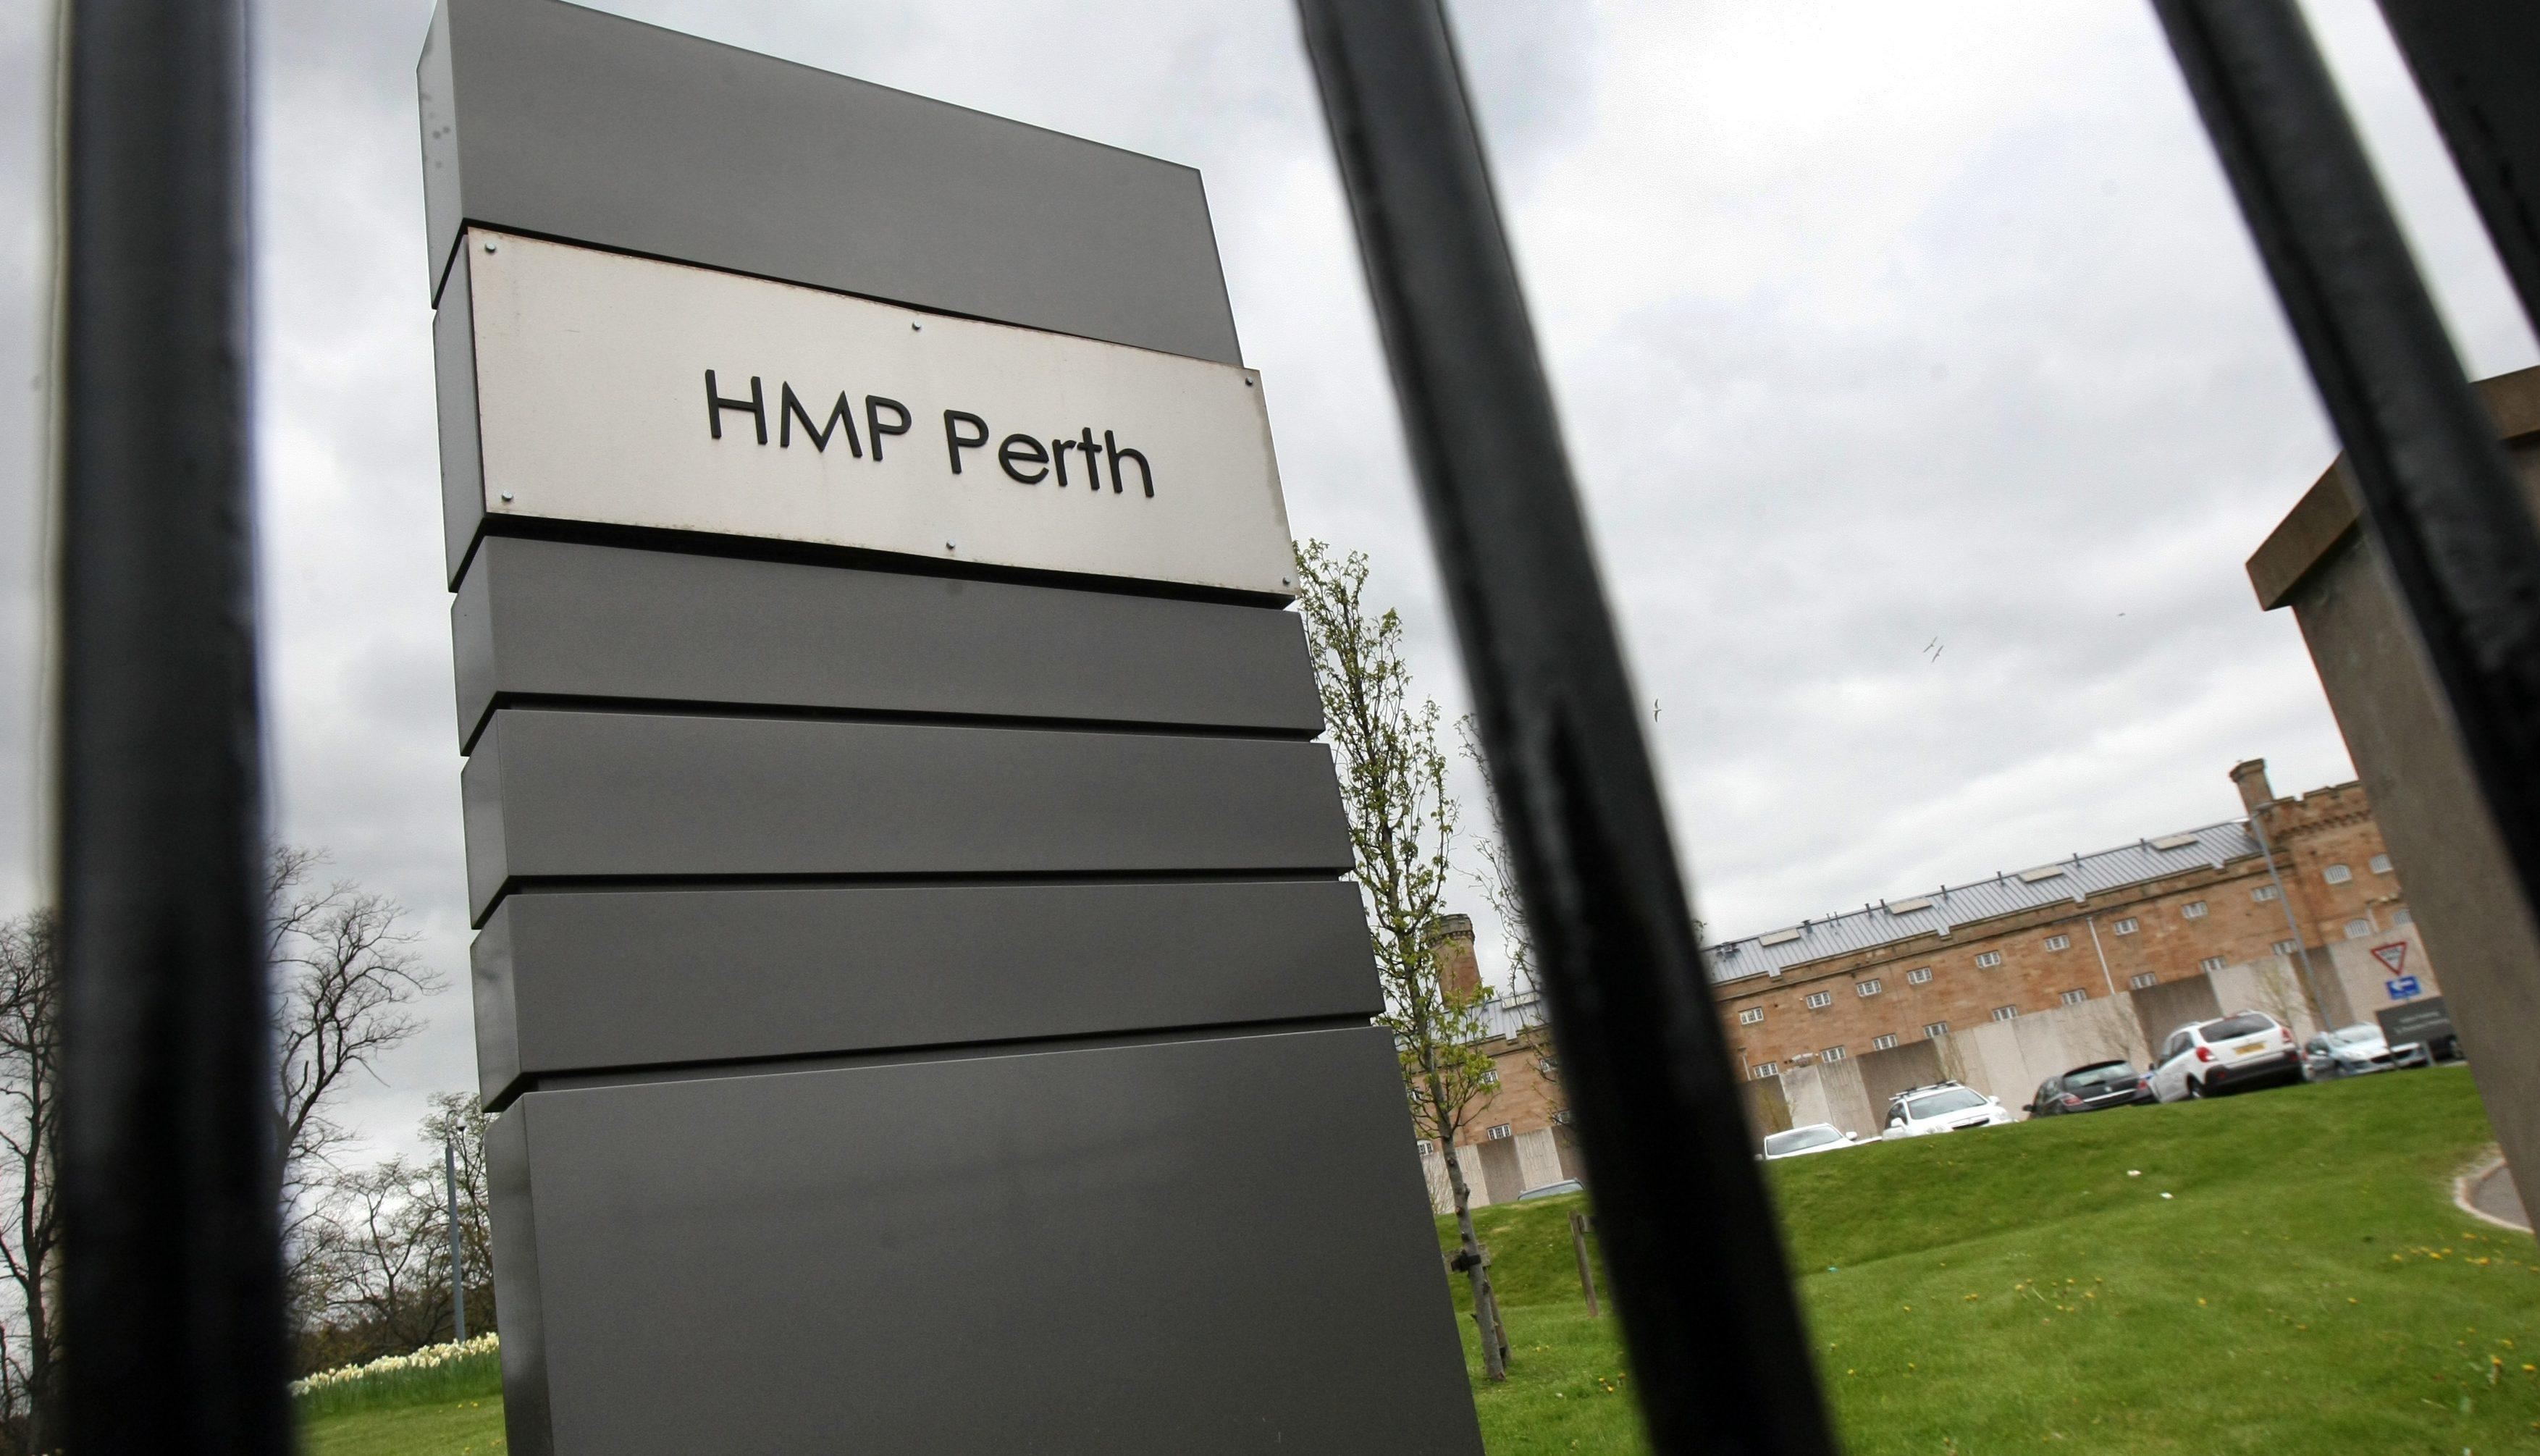 Perth Prison.